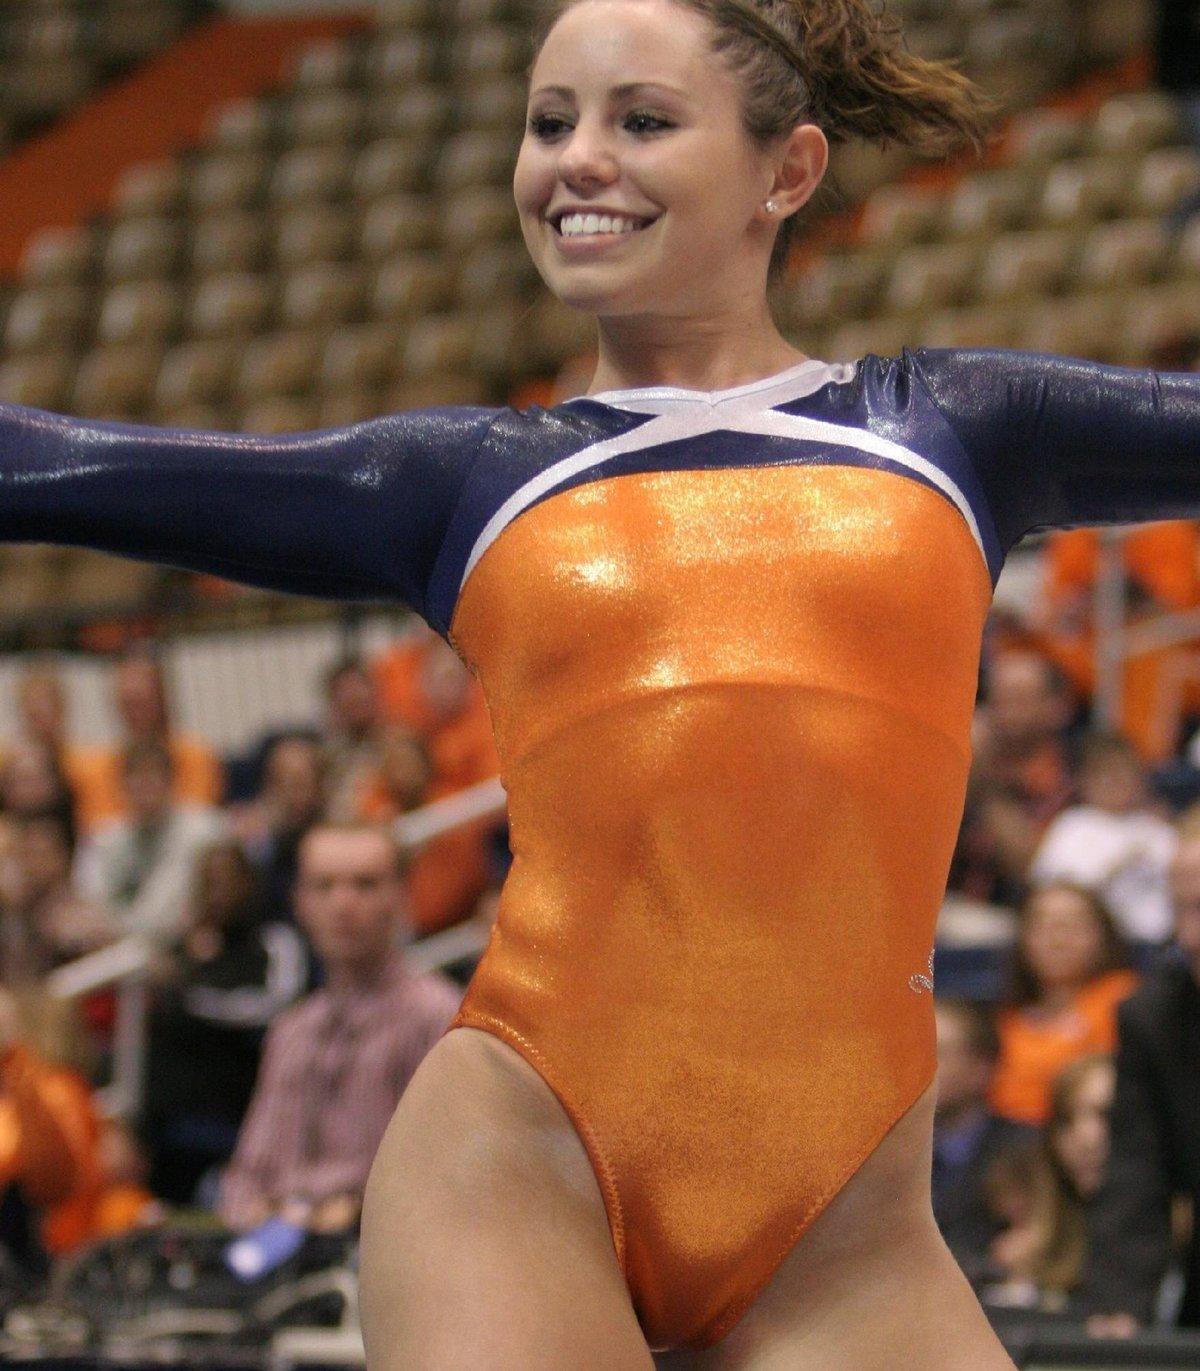 дуру трахнули пикантные фото спортсменок онлайн красивая девушка